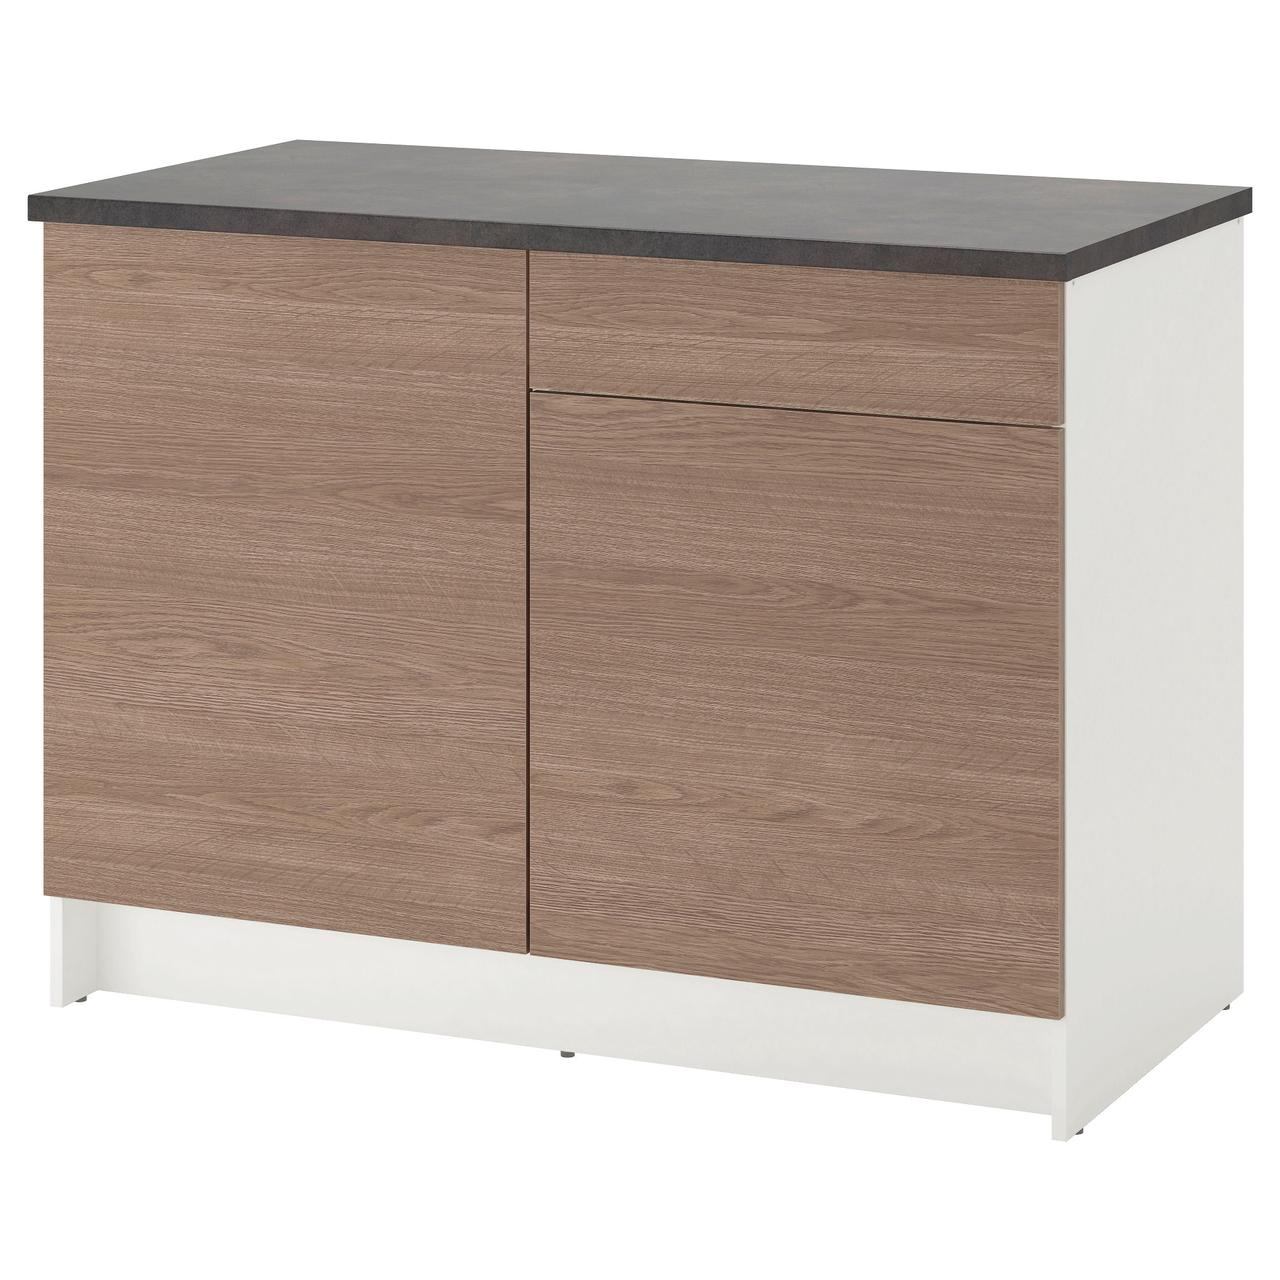 КНОКСХУЛЬТ Напольный шкаф с дверцами и ящиком, под дерево, серый